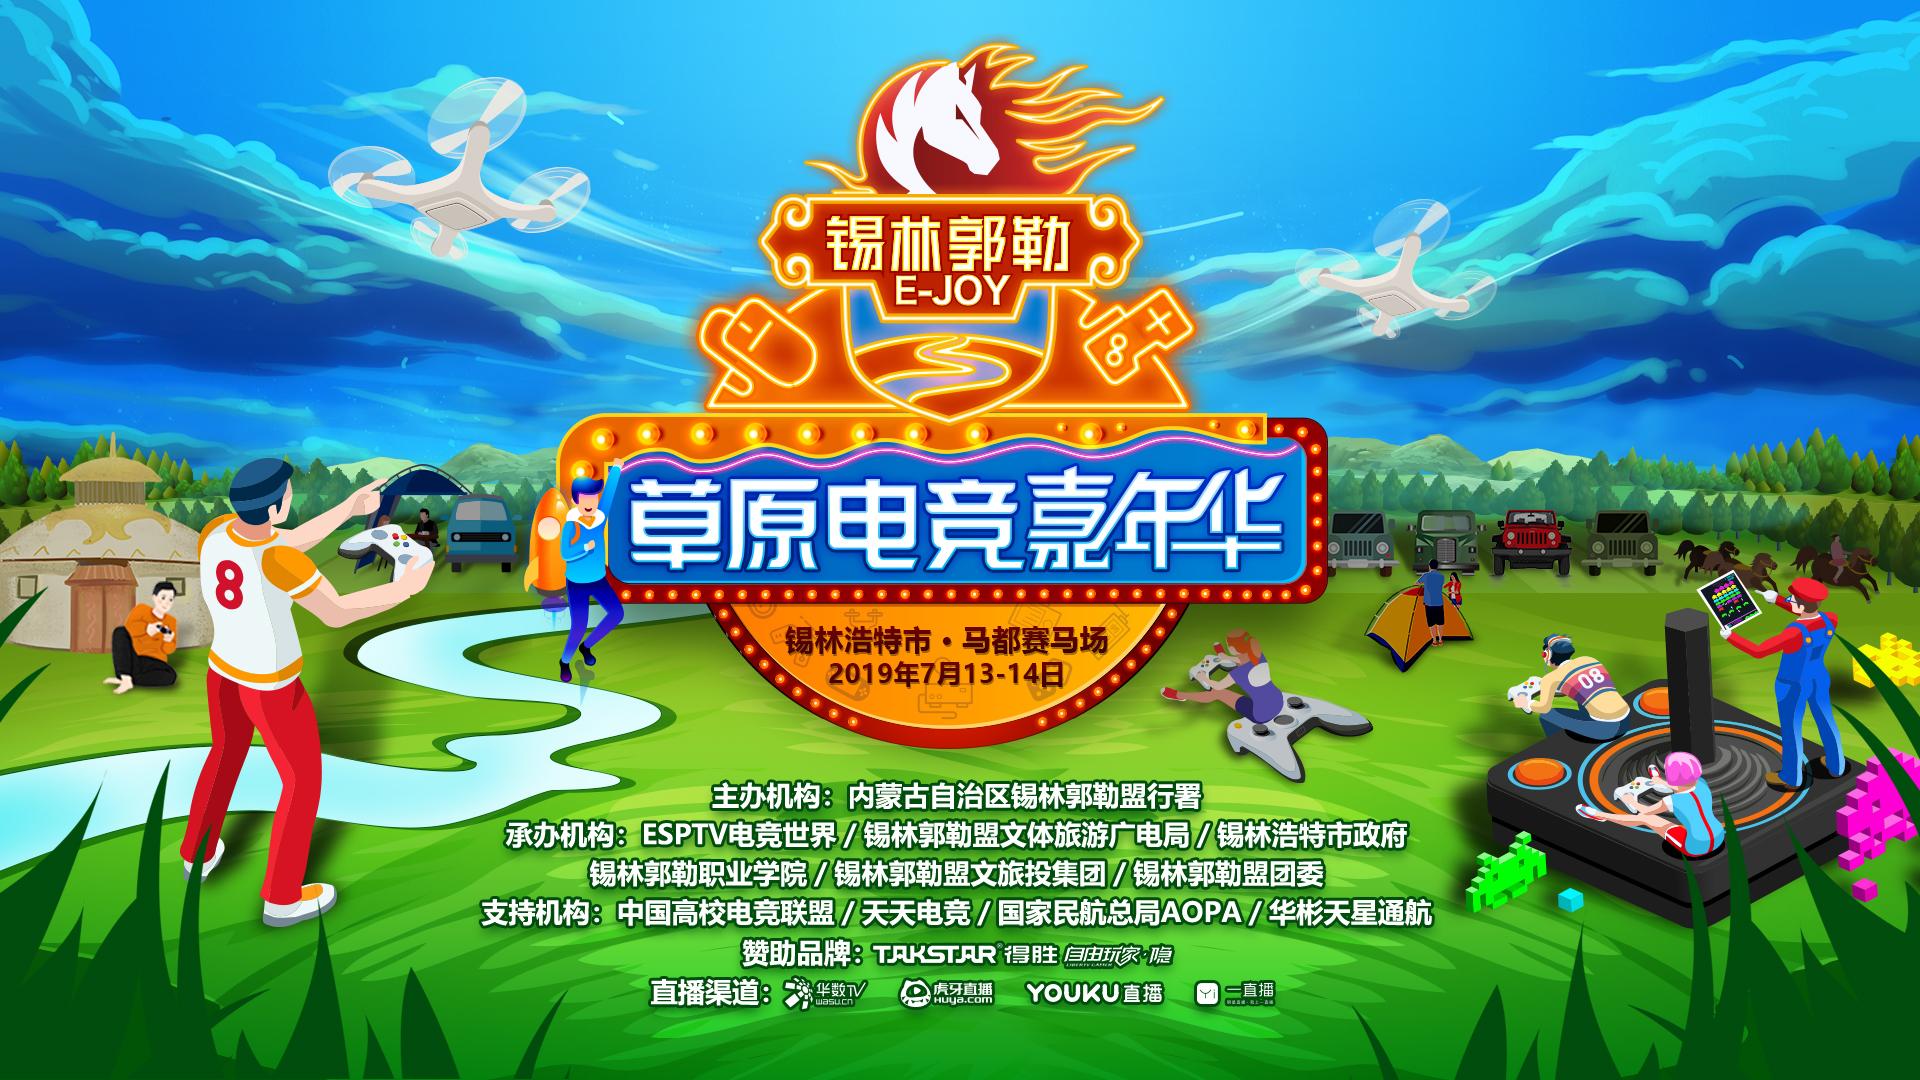 http://www.weixinrensheng.com/youxi/356172.html